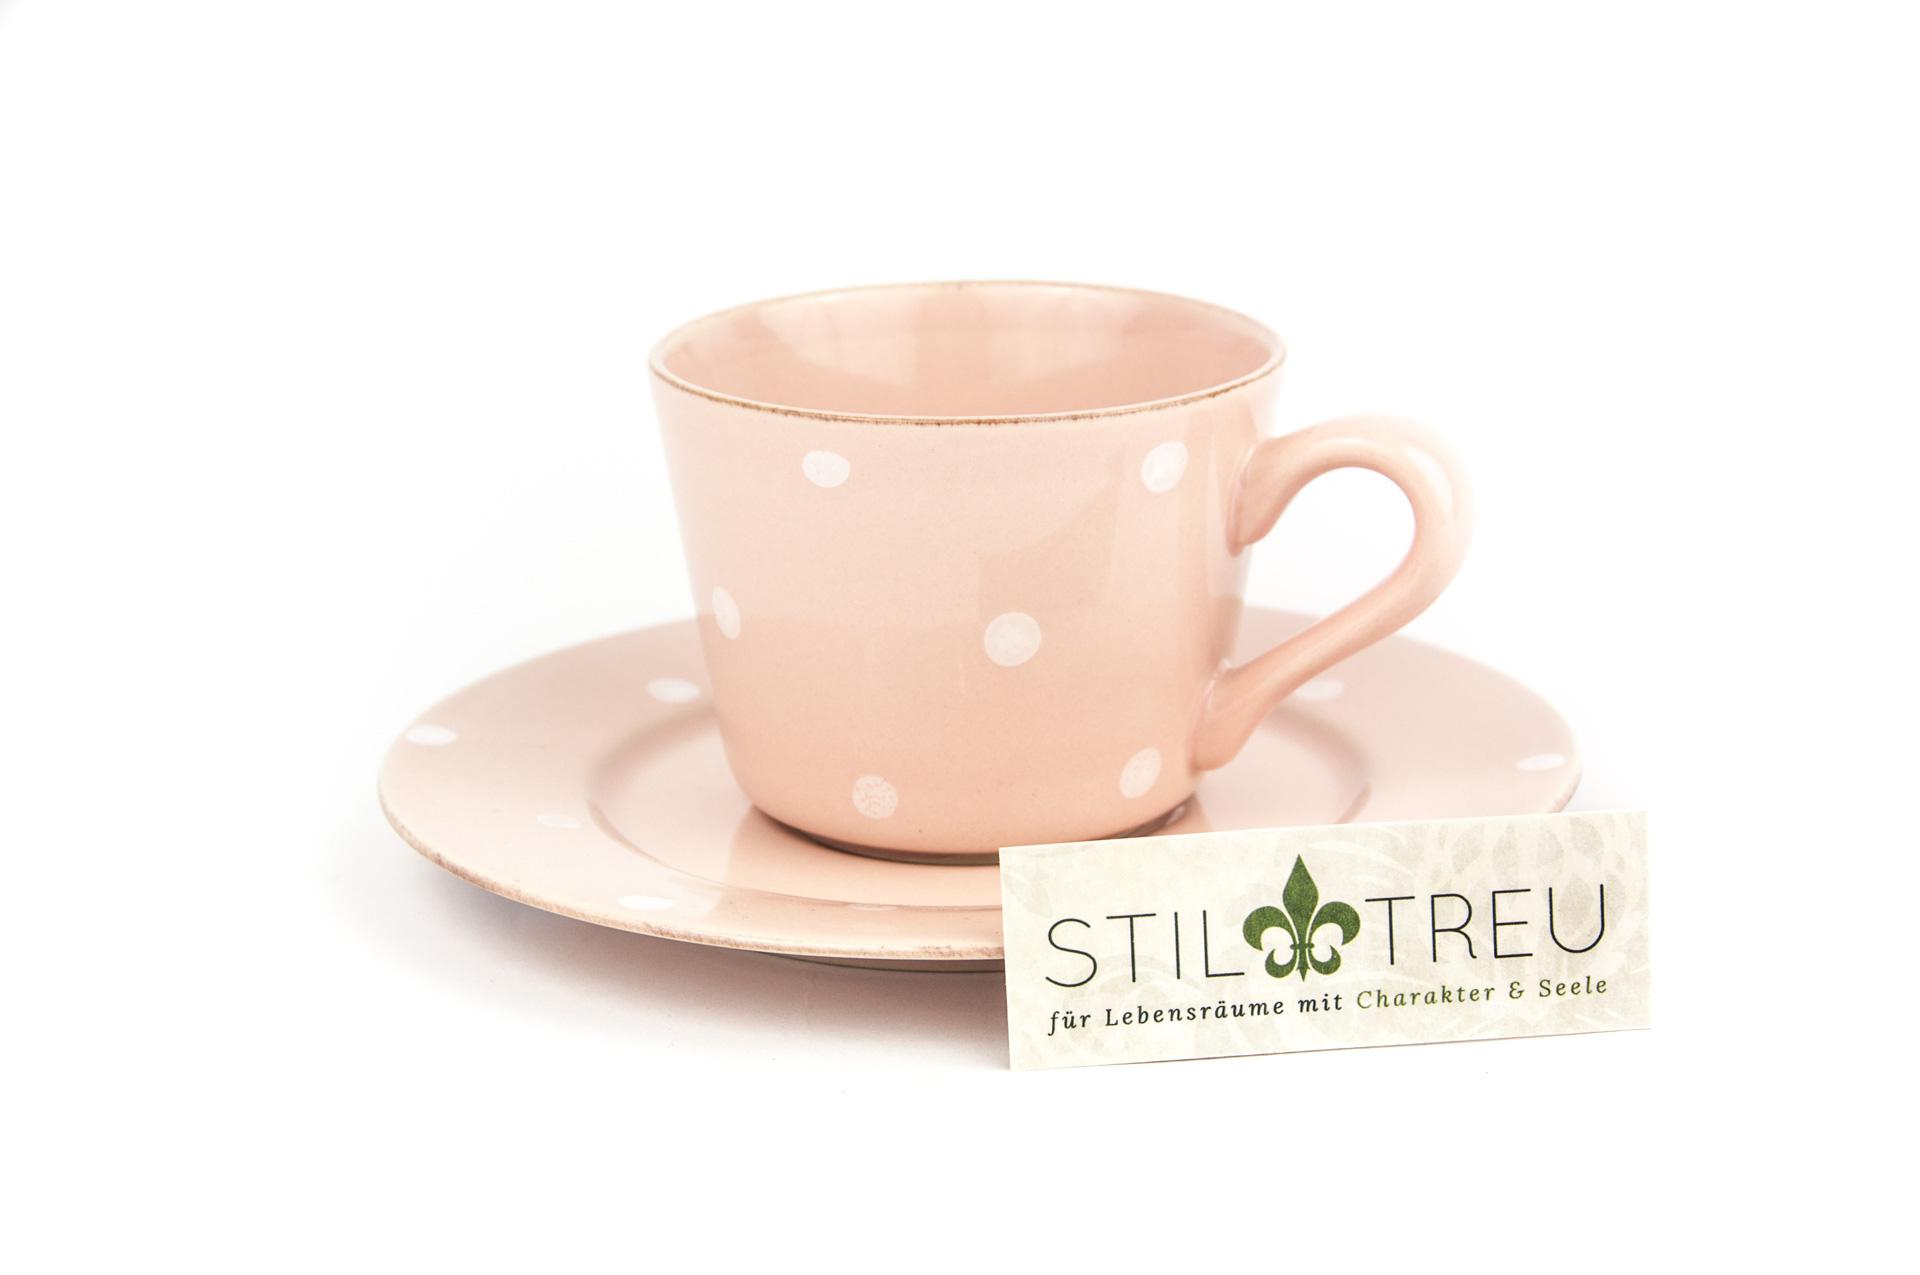 Gedeck / Kaffee / Tee 2-teilig / Ober- und Untertasse Chitra, rosa, 0,20 l